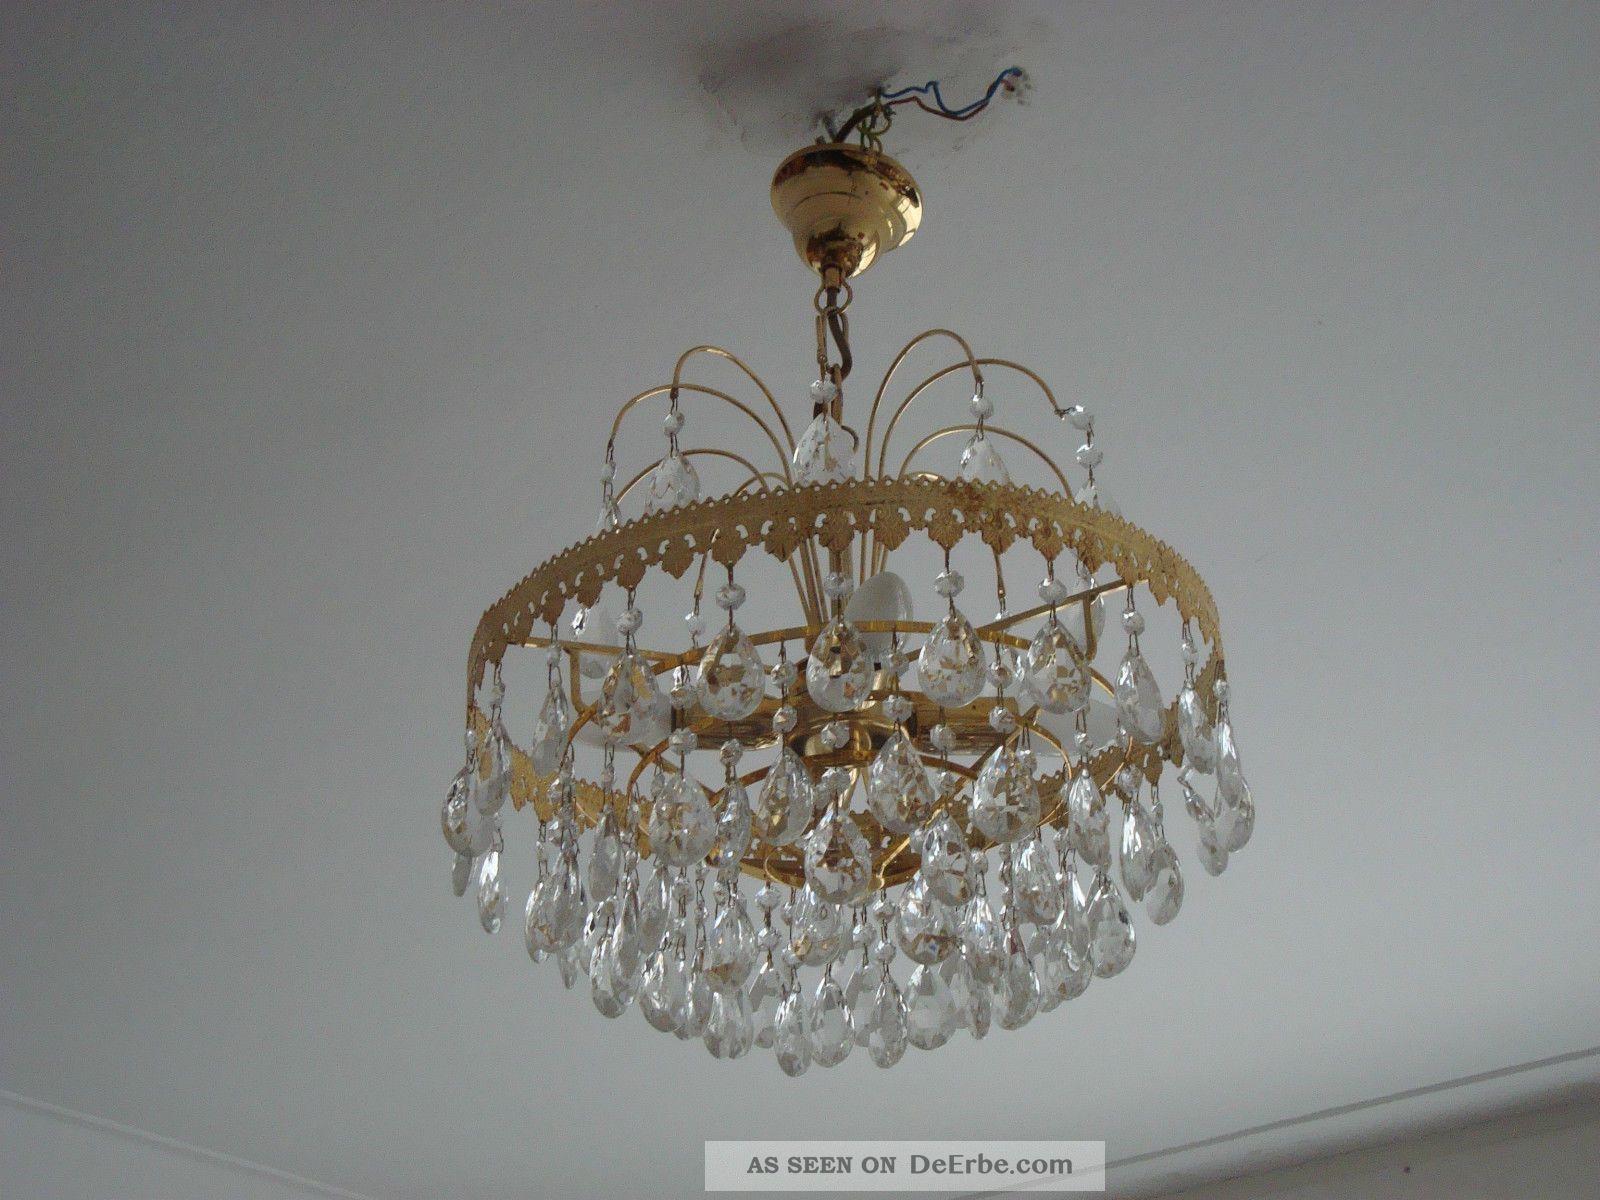 sch ner kleiner kronleuchter korbl ster stufenl ster kristallglas l ster. Black Bedroom Furniture Sets. Home Design Ideas